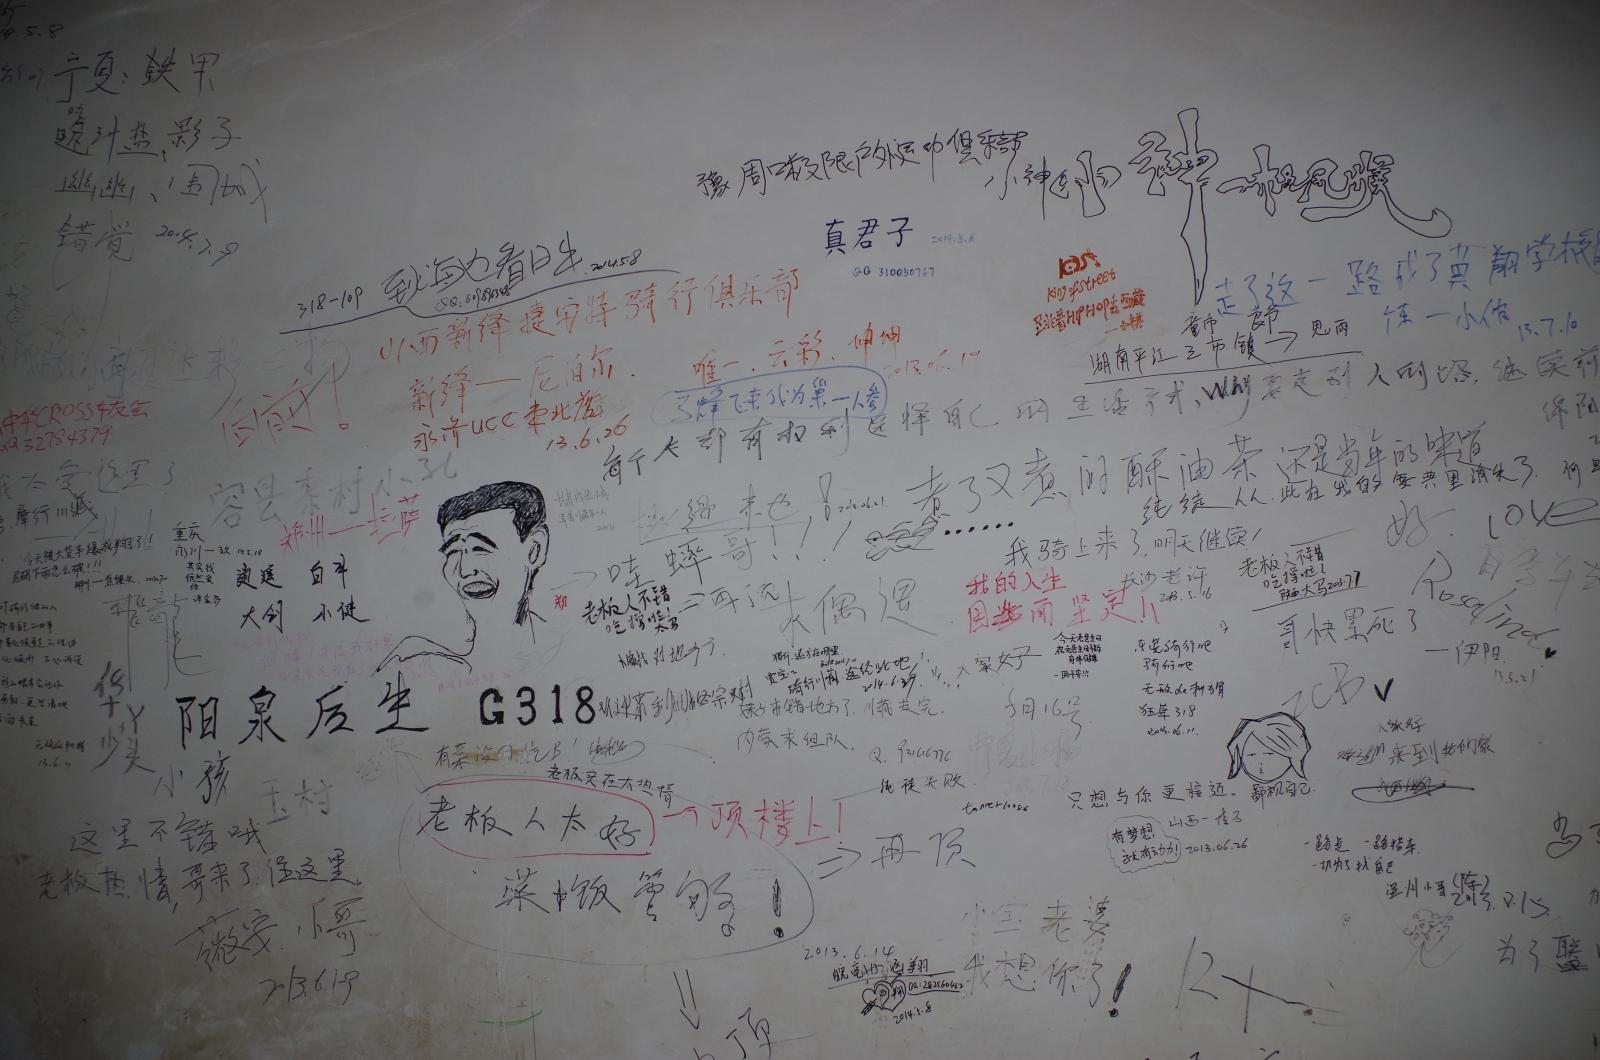 旅店墙壁涂鸦